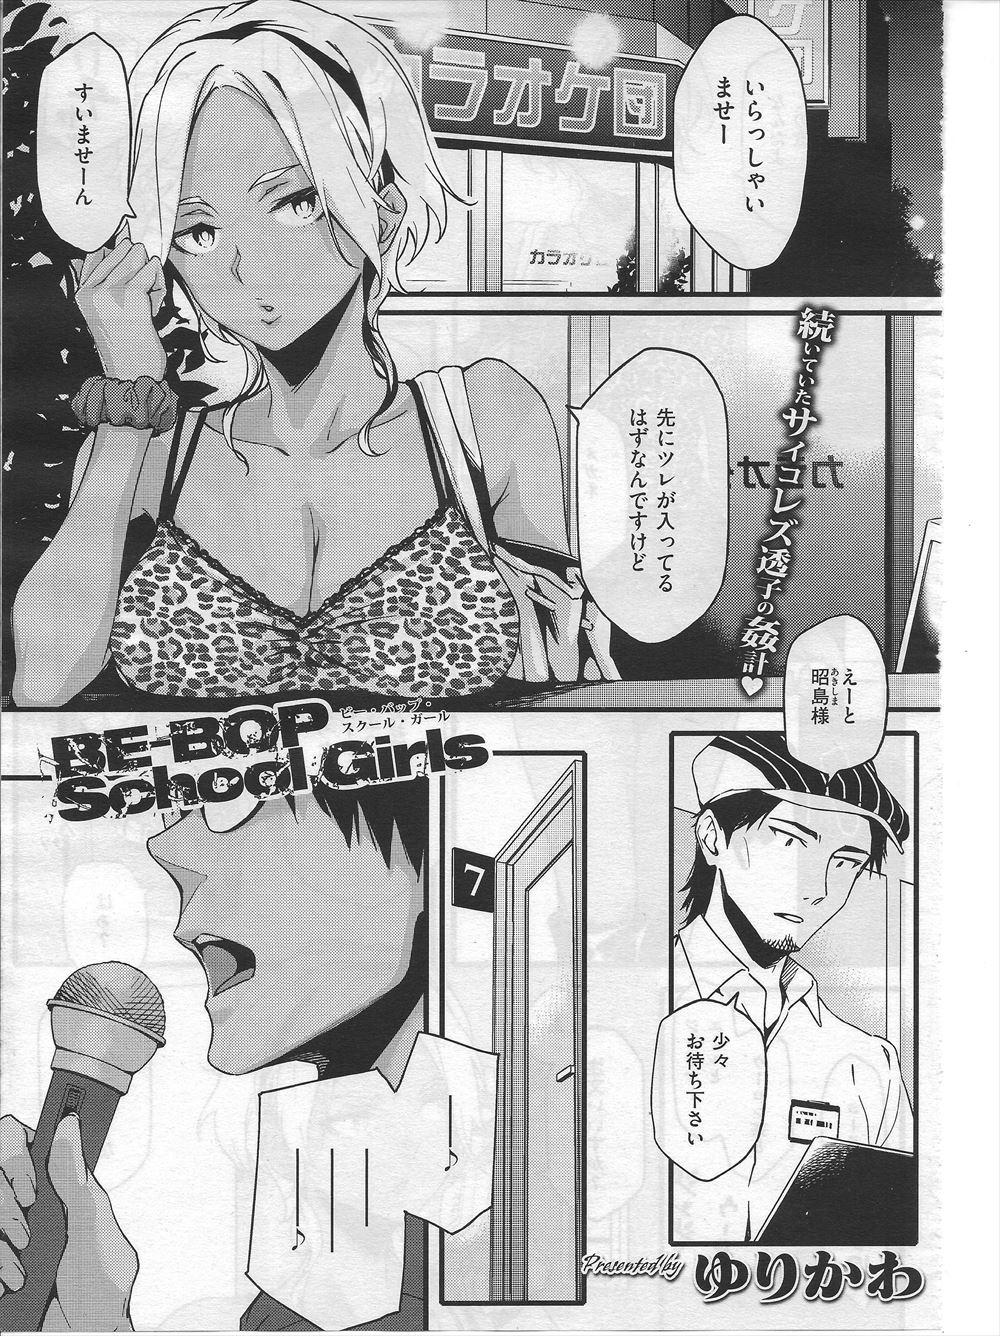 【エロ漫画・エロ同人誌】カラオケボックスにきた黒ギャルは早速待ち合わせをしていた男たちにハメてもらう♪